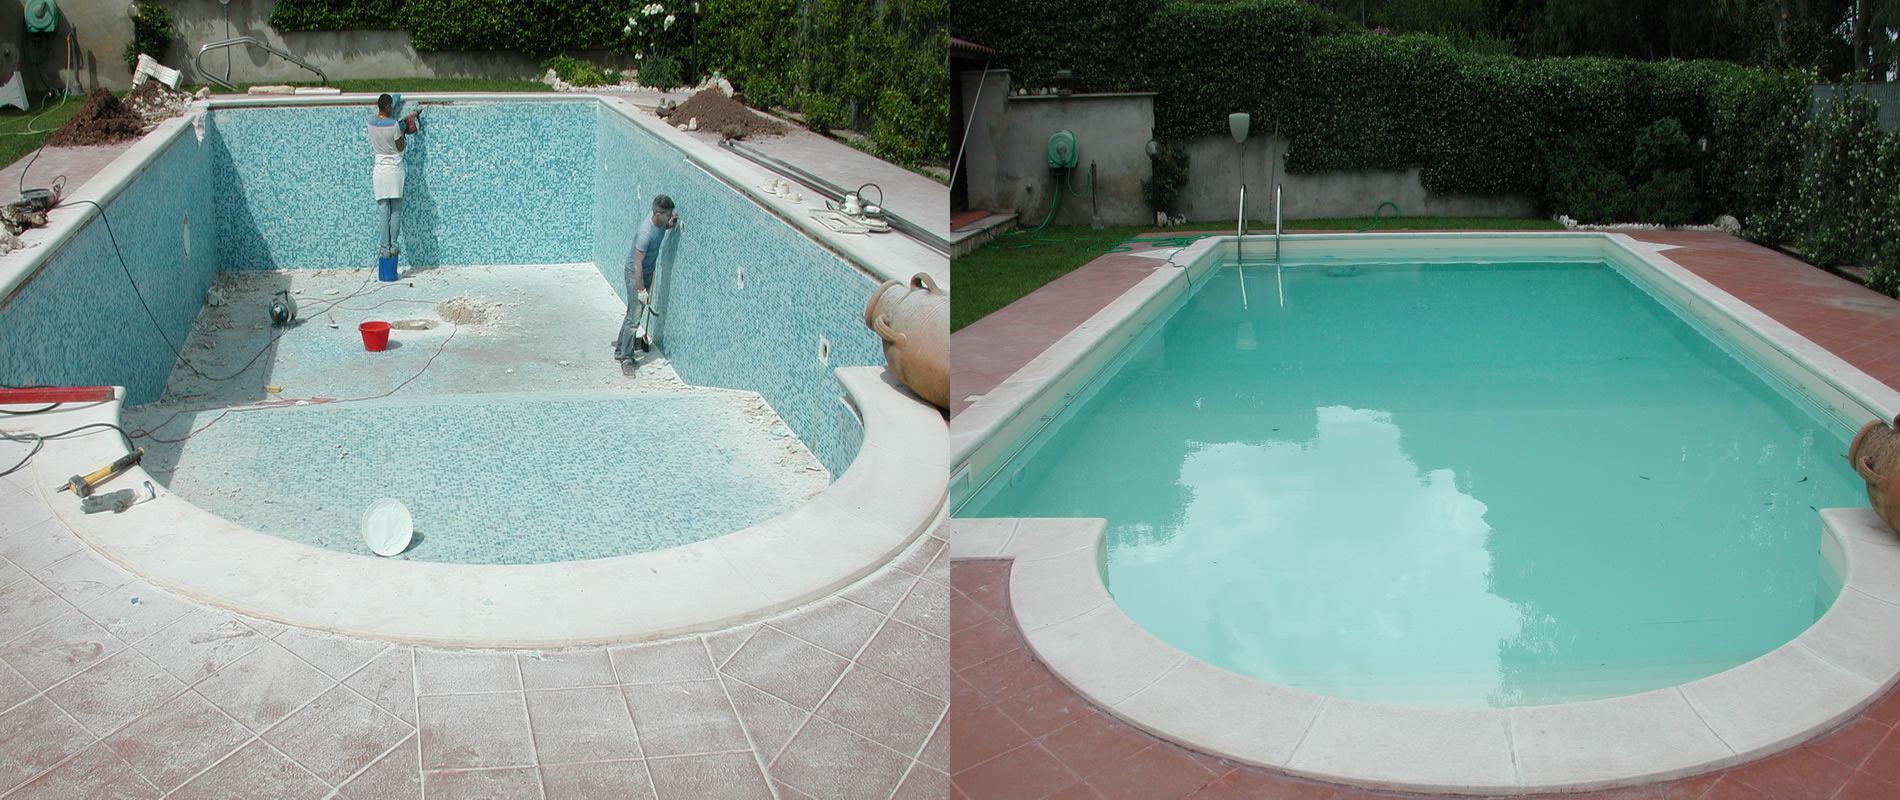 Ristrutturazione e restauro piscine